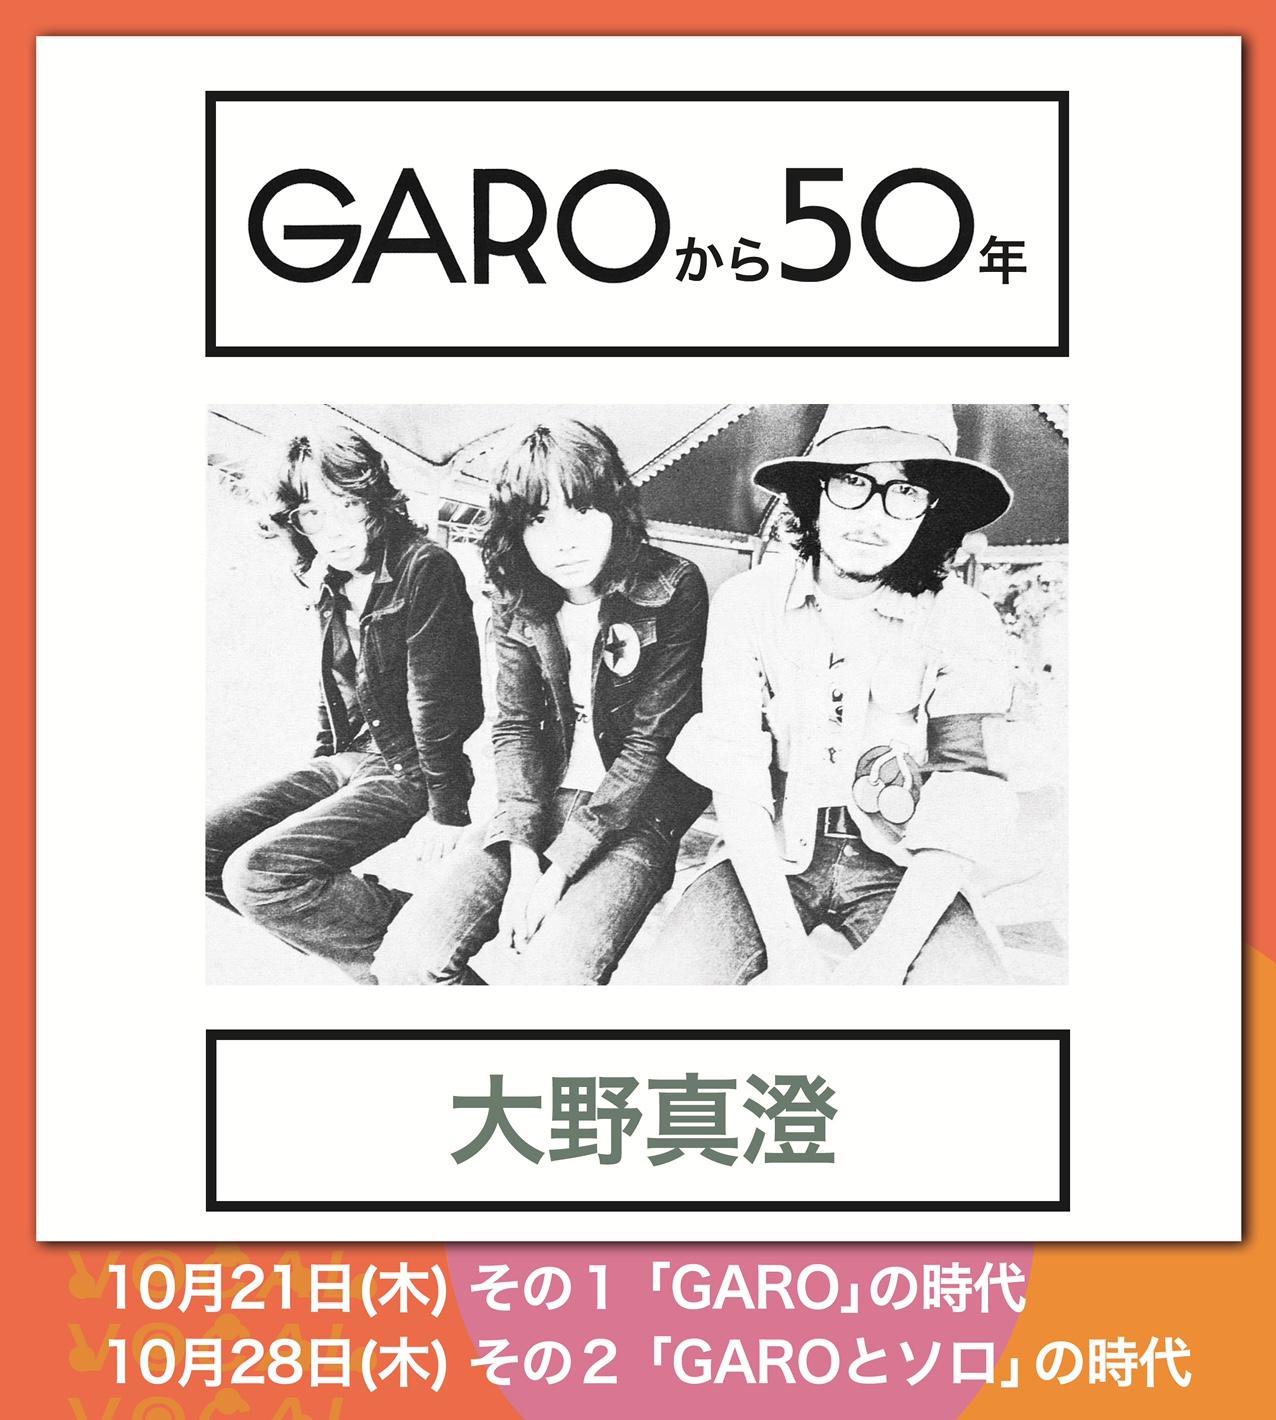 大野真澄 GAROから50年〜その2 「GAROとソロ」の時代